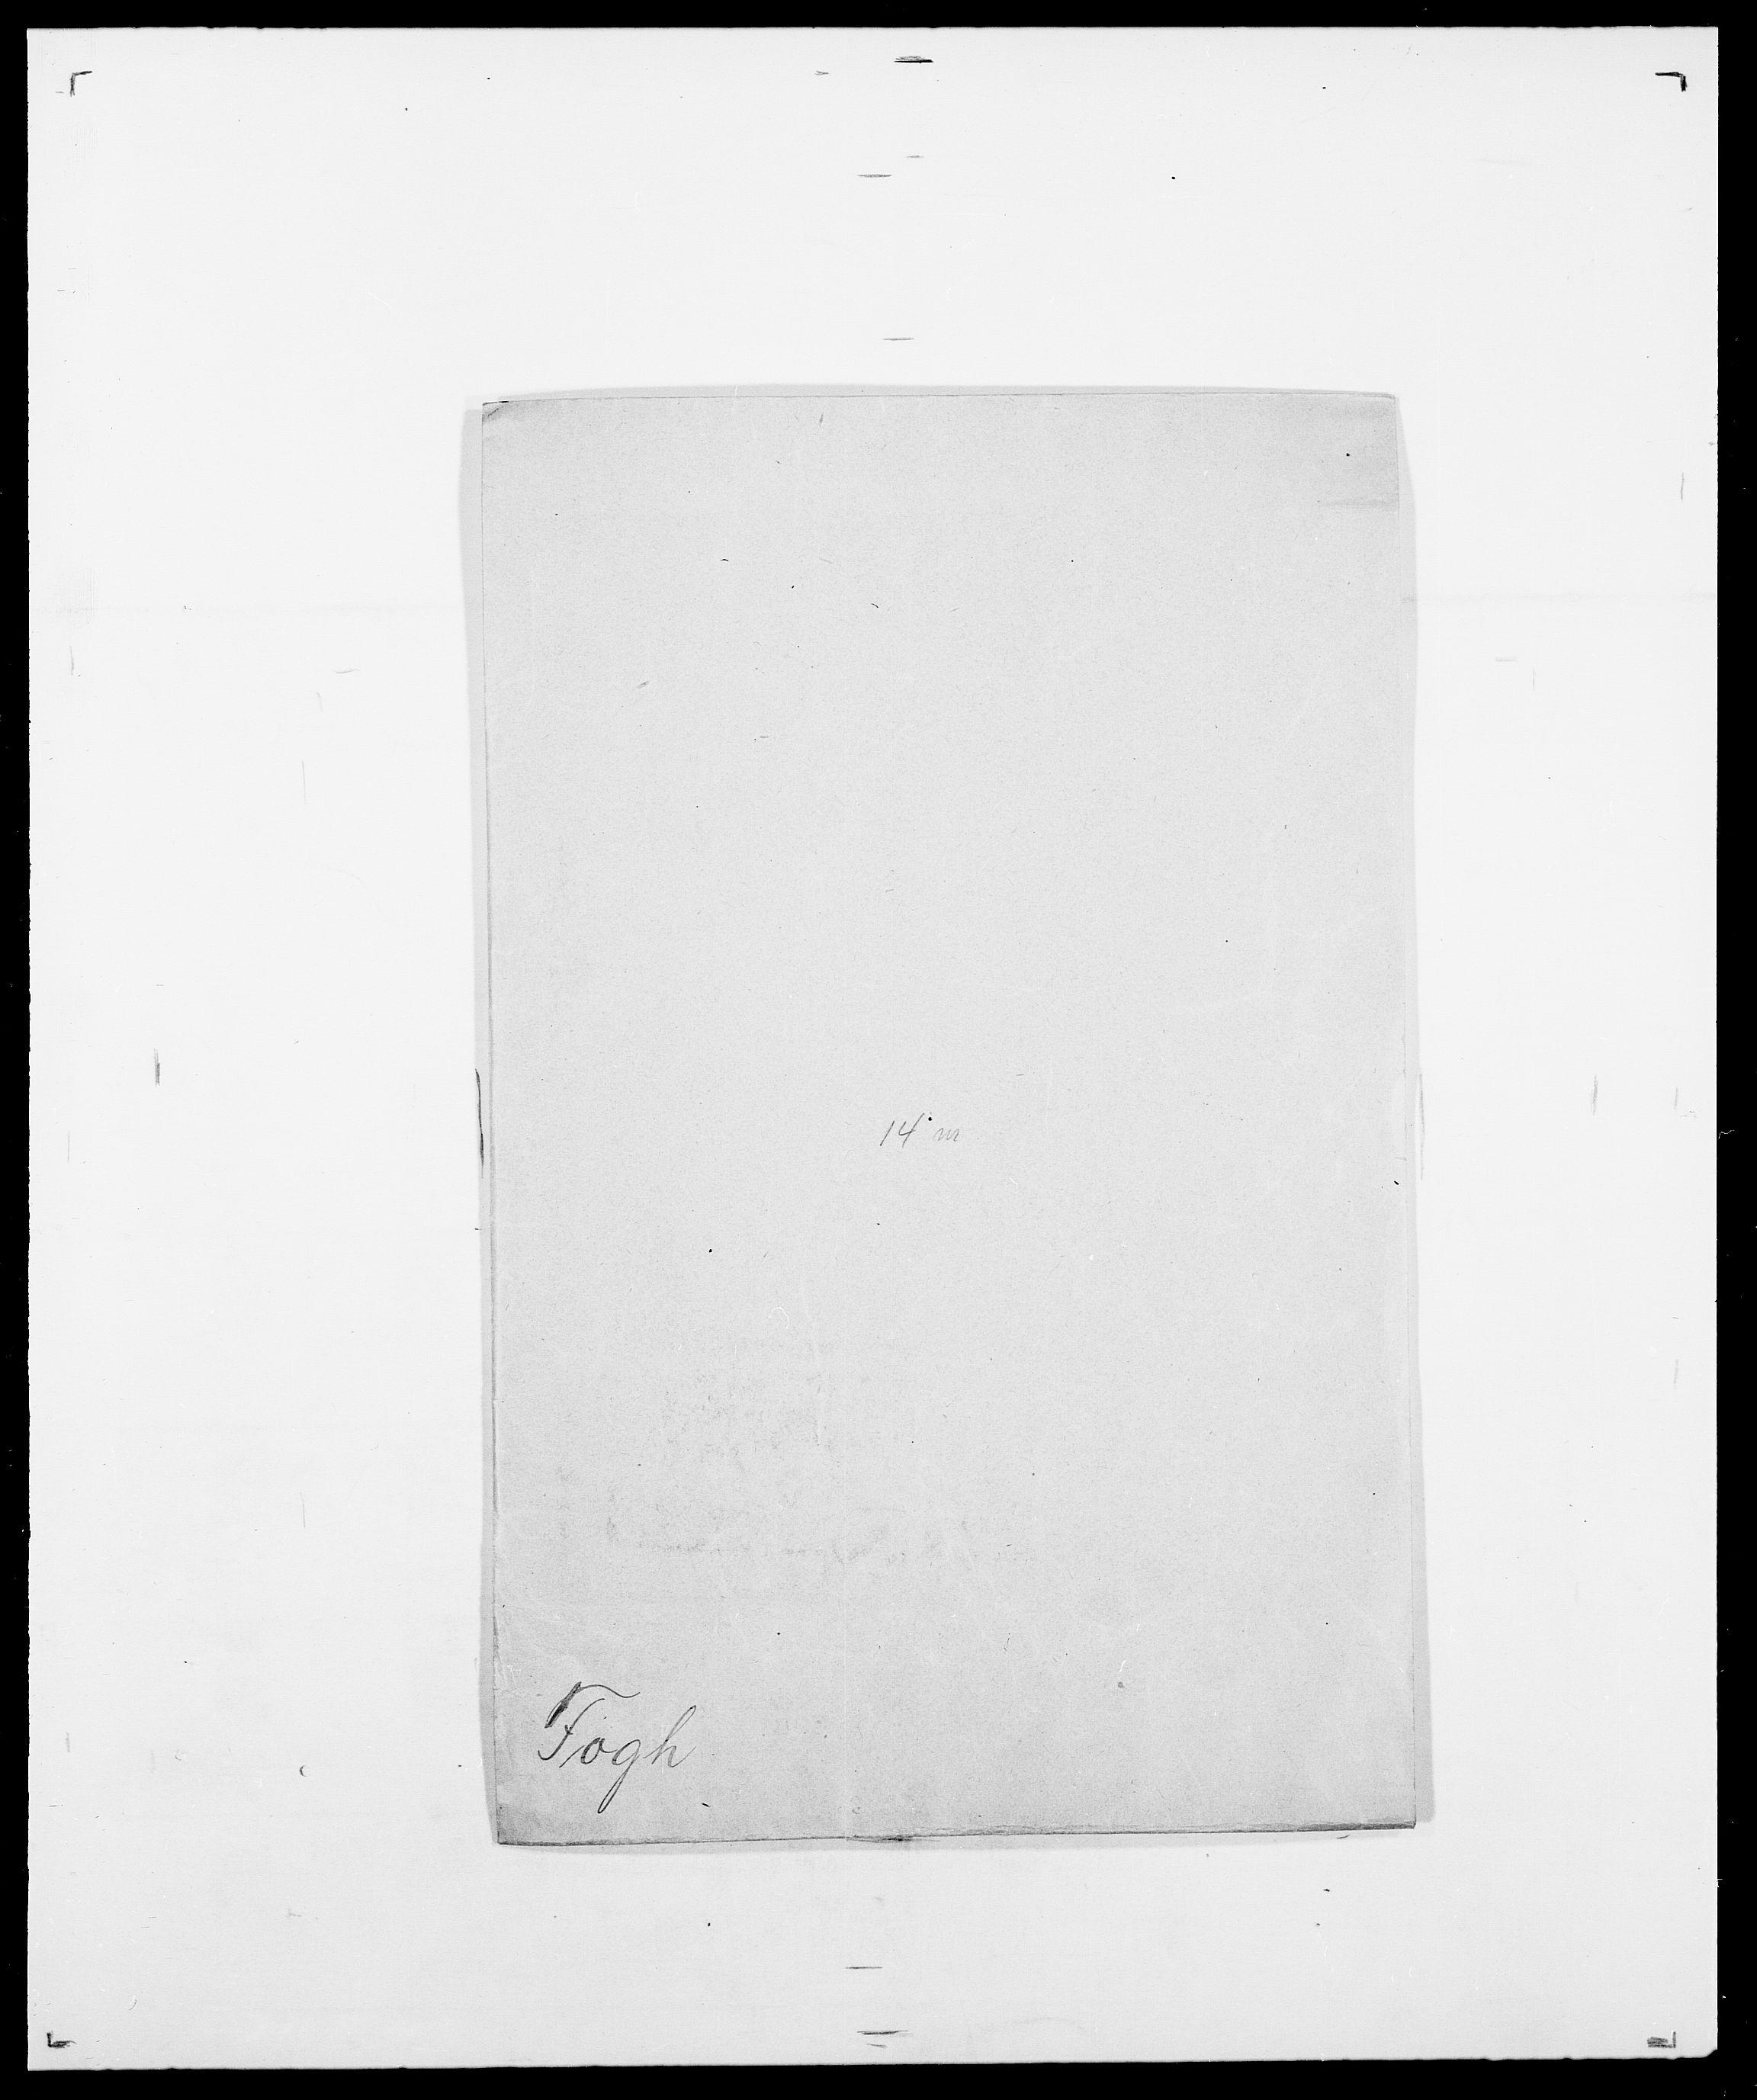 SAO, Delgobe, Charles Antoine - samling, D/Da/L0012: Flor, Floer, Flohr - Fritzner, s. 508